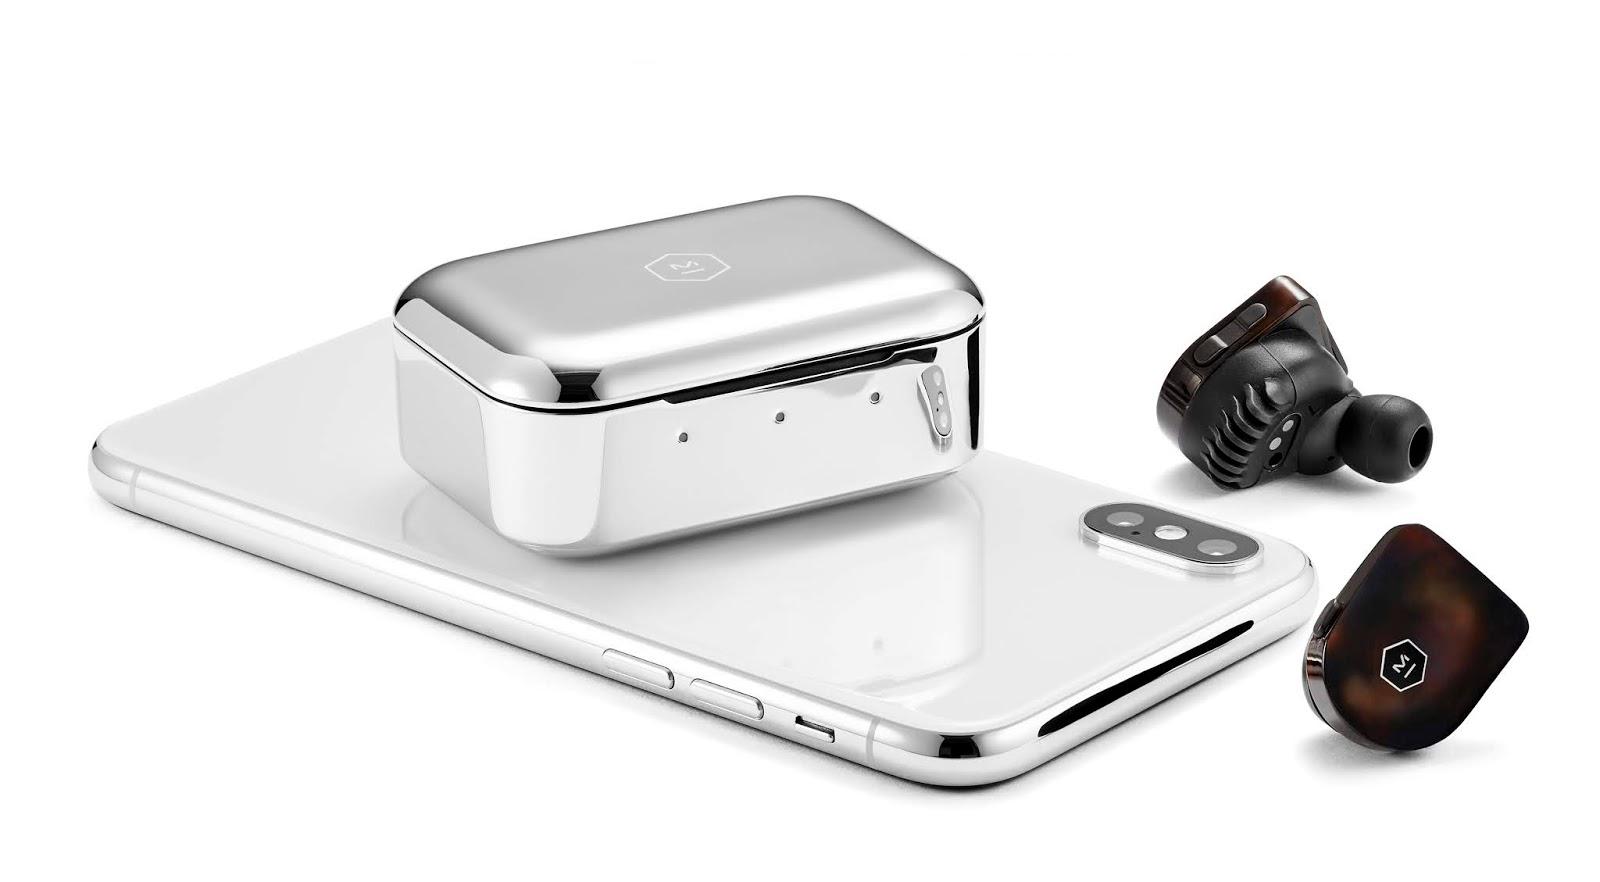 Master & Dynamic MW07 True Wireless Earphones | Kabellose Kopfhörer werden auf ein völlig neues Niveau gehoben